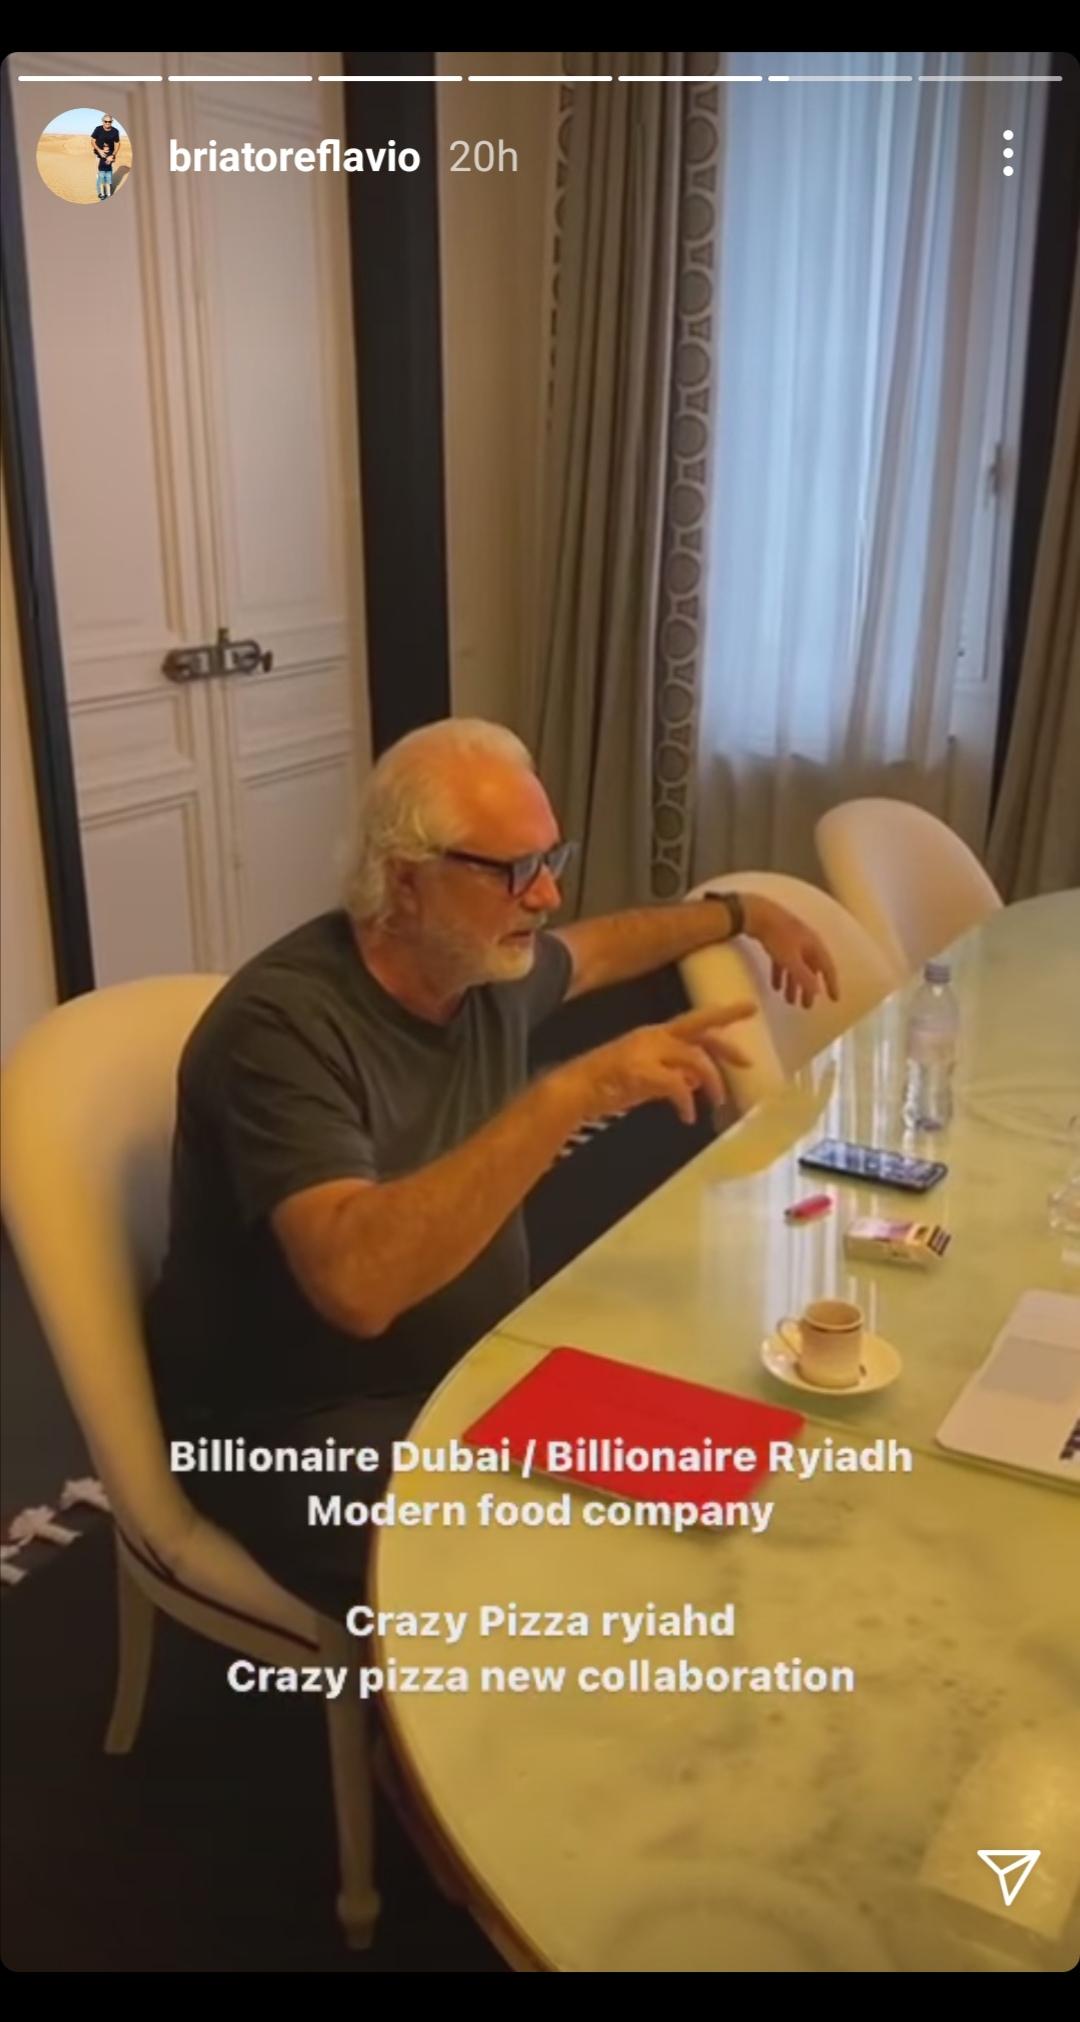 Flavio Briatore e i suoi affari